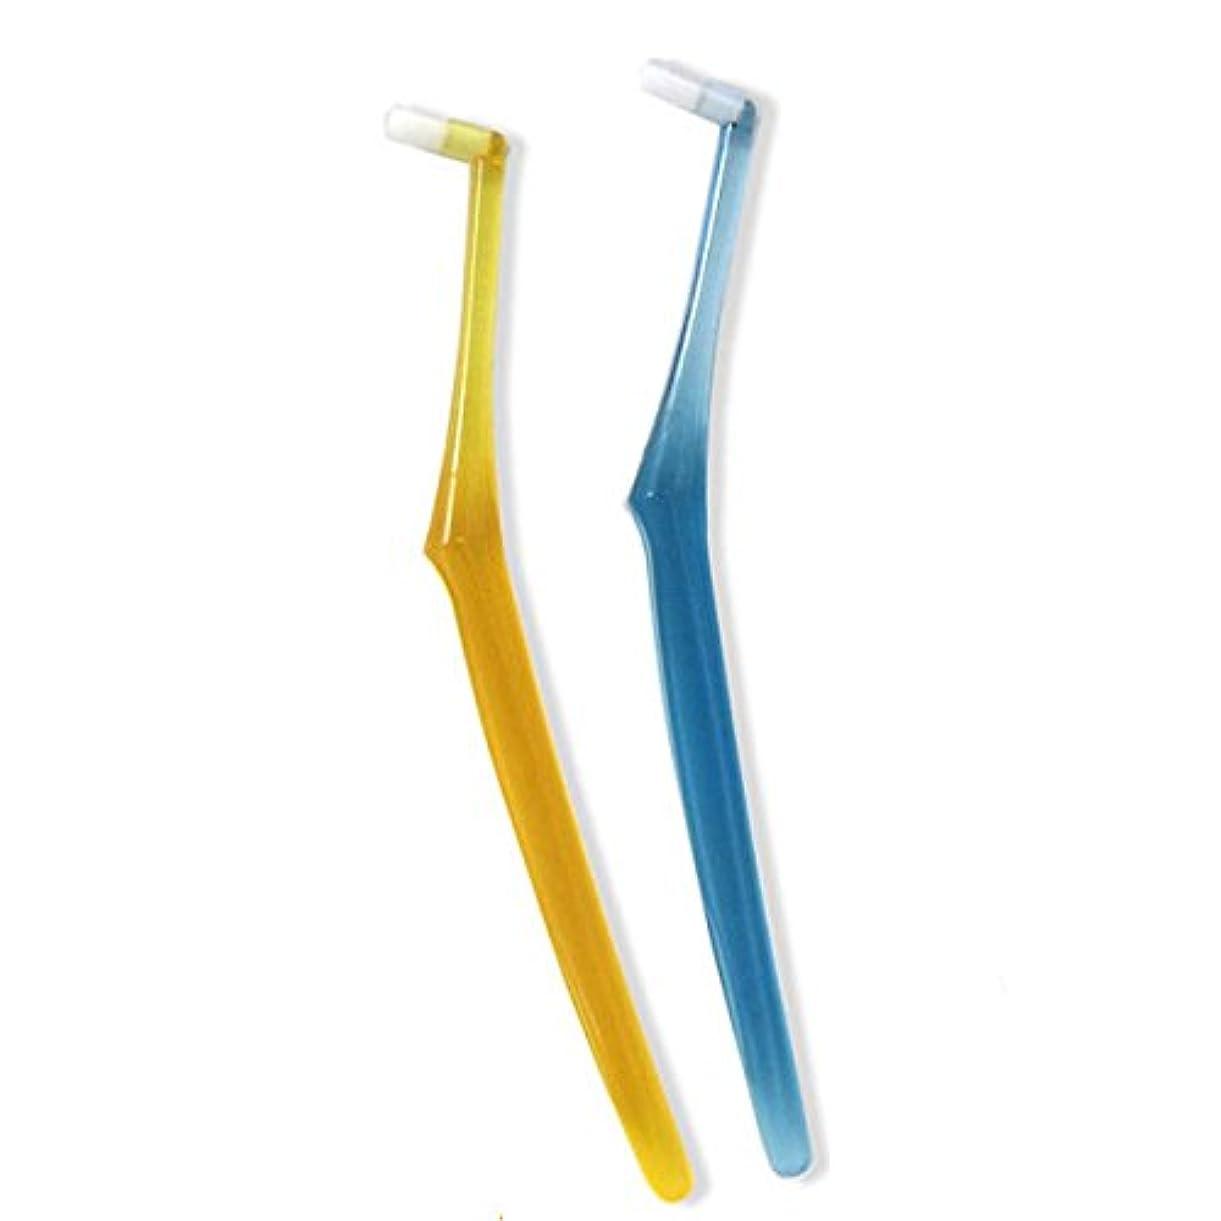 出発無線左ワンタフト インプロインプラント専用 歯ブラシ 4本セット (S(ソフト))